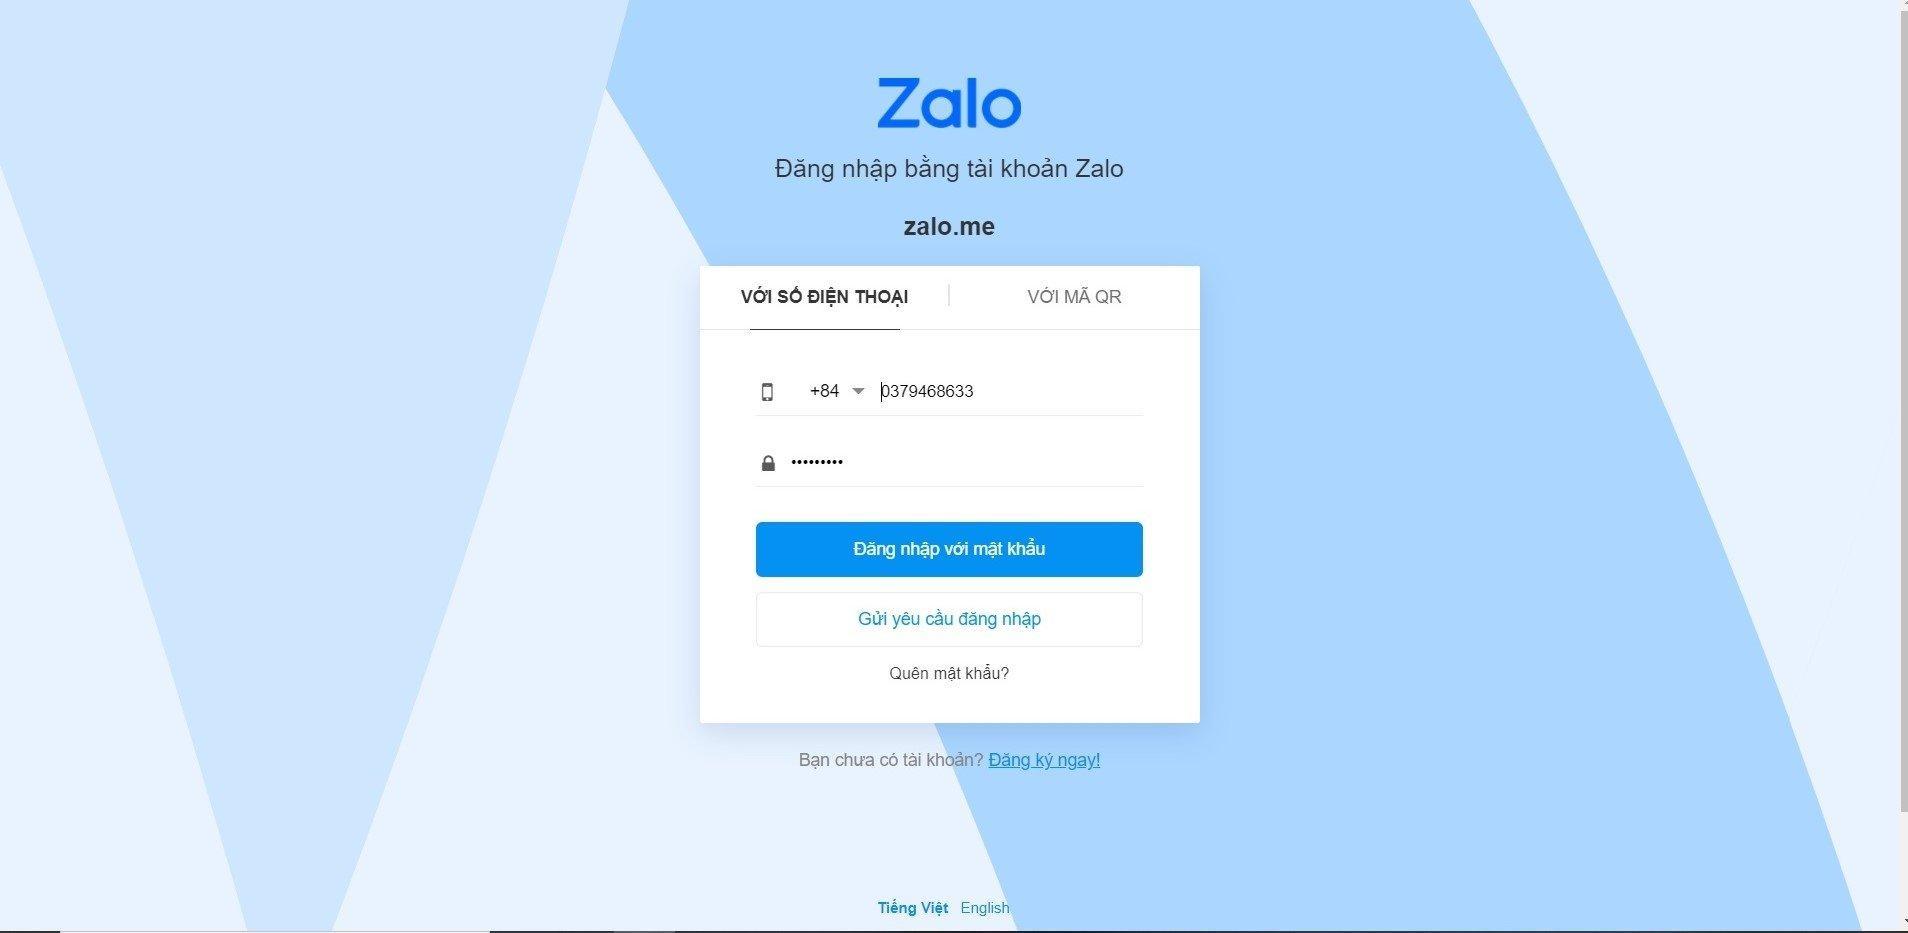 3 tuyệt chiêu đăng nhập Zalo Web dễ dàng chỉ mất 5 giây - BlogAnChoi